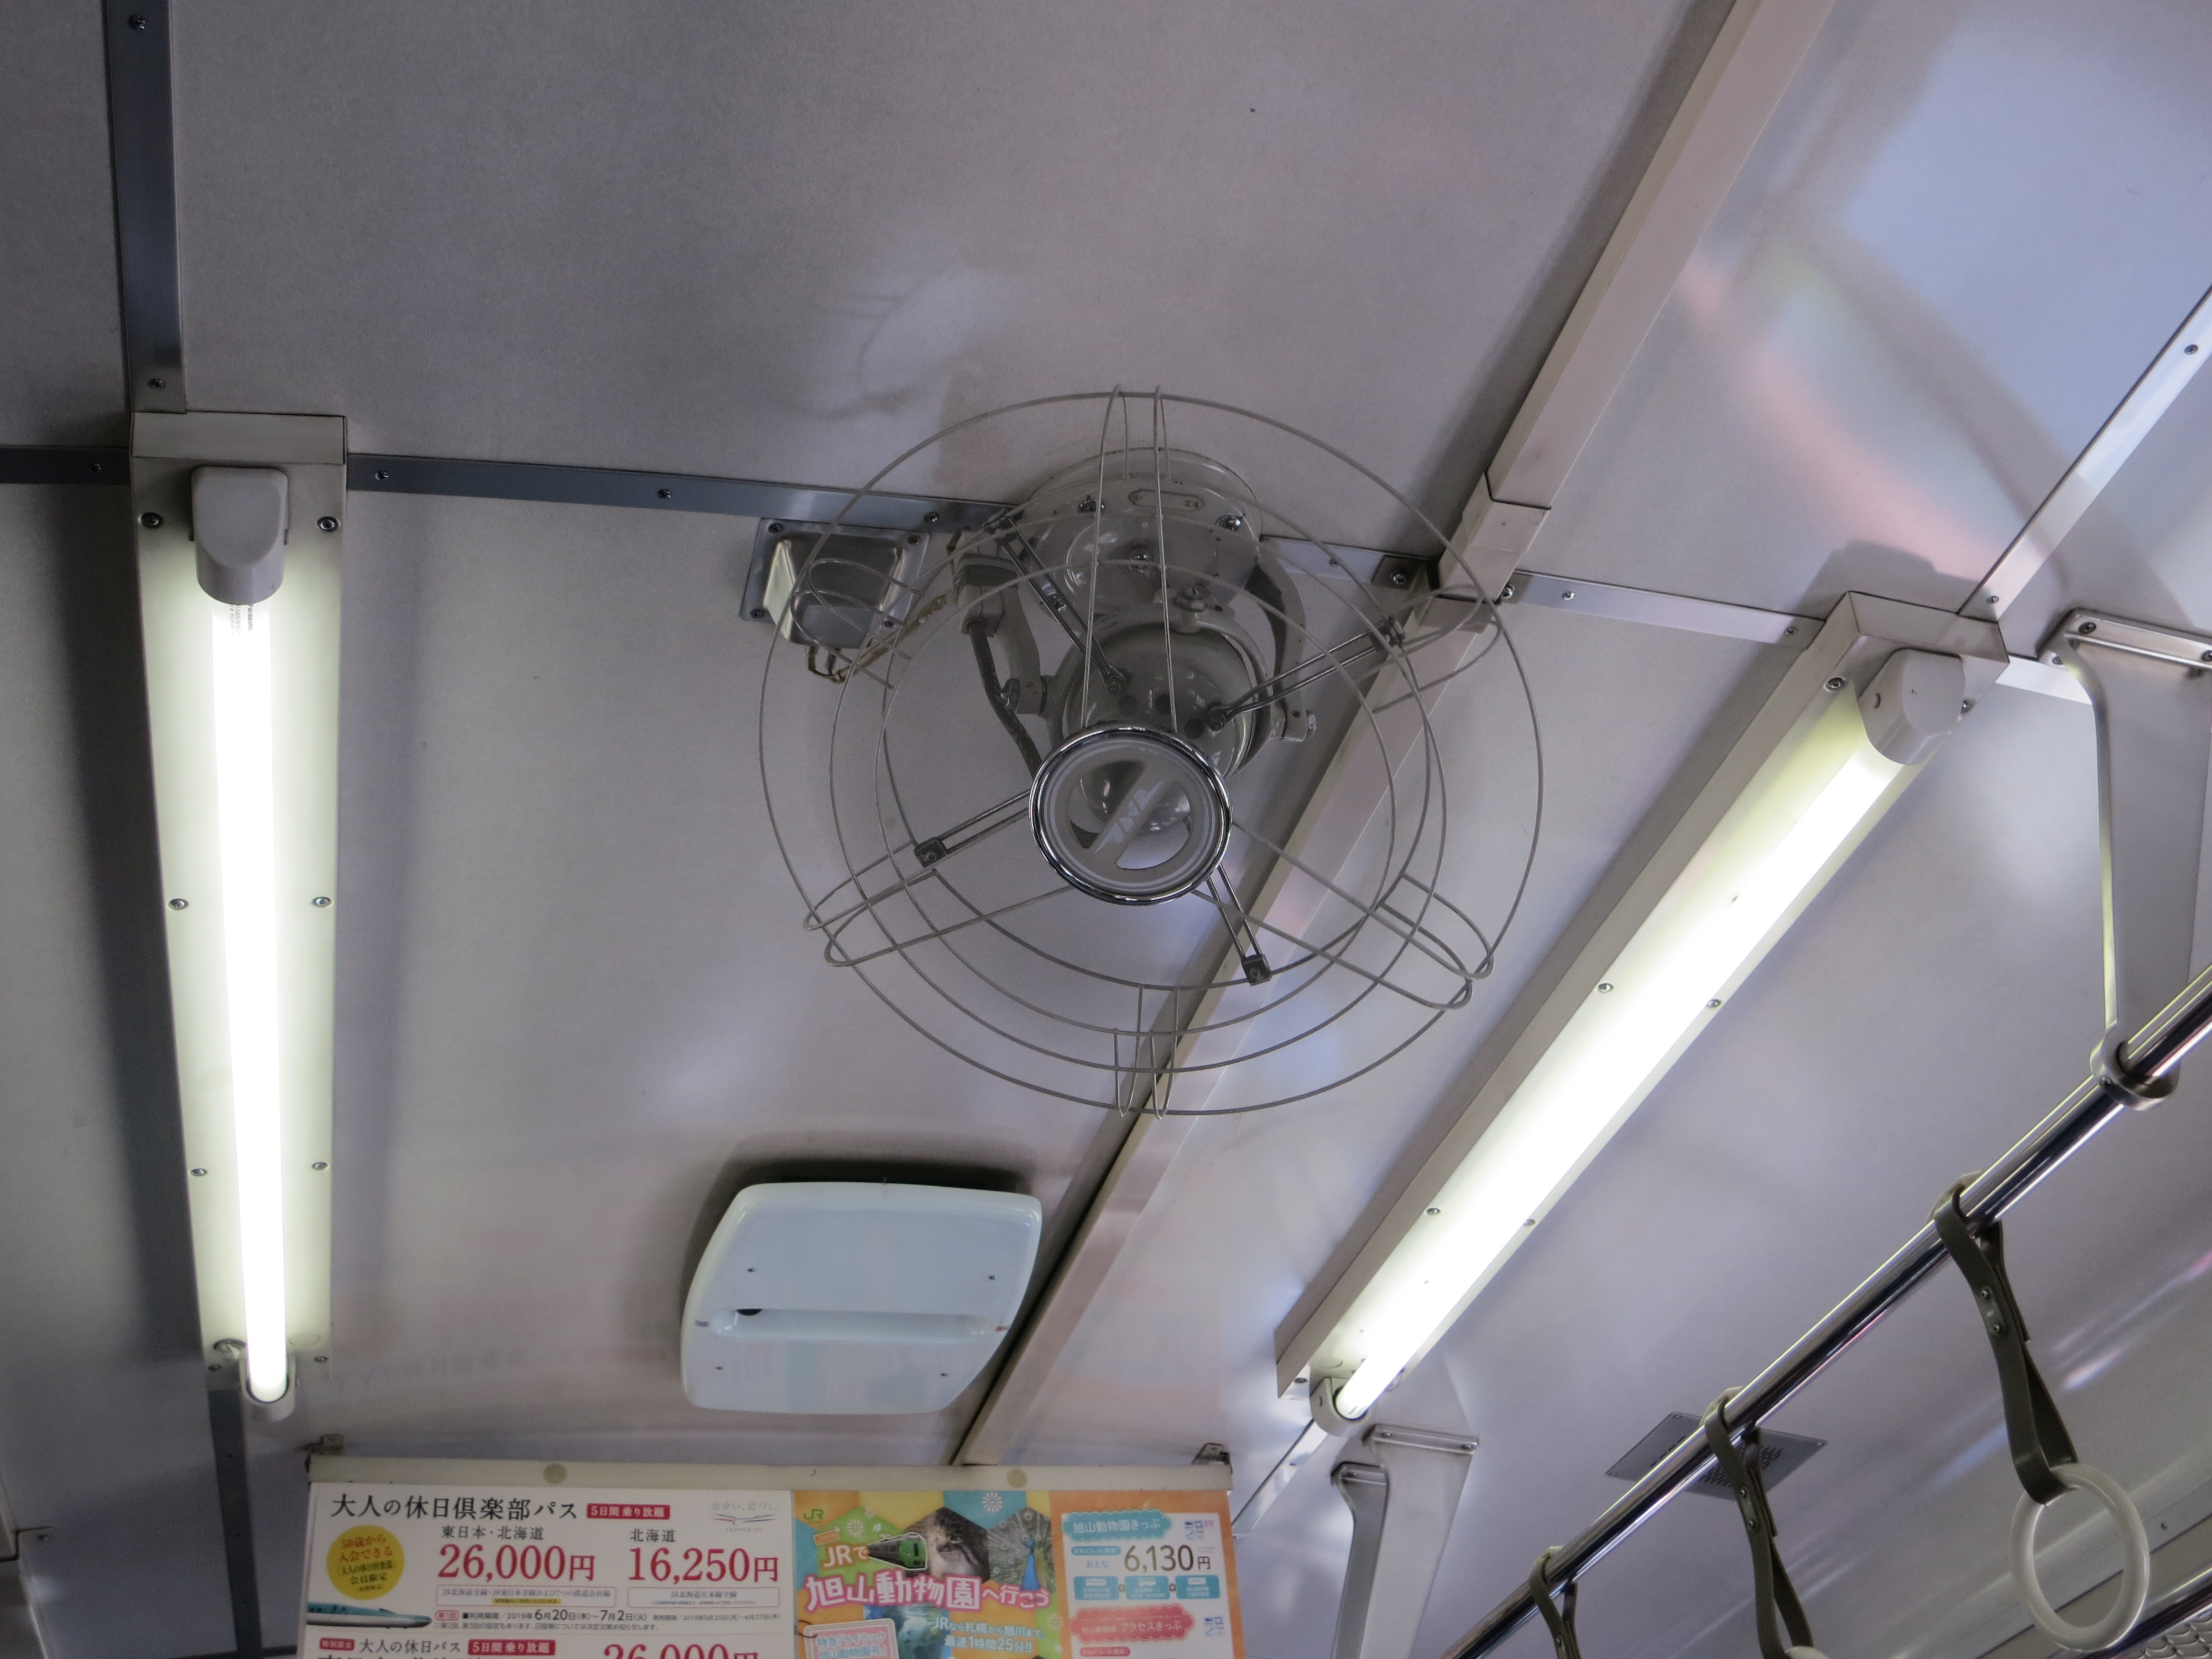 190621 電車の扇風機